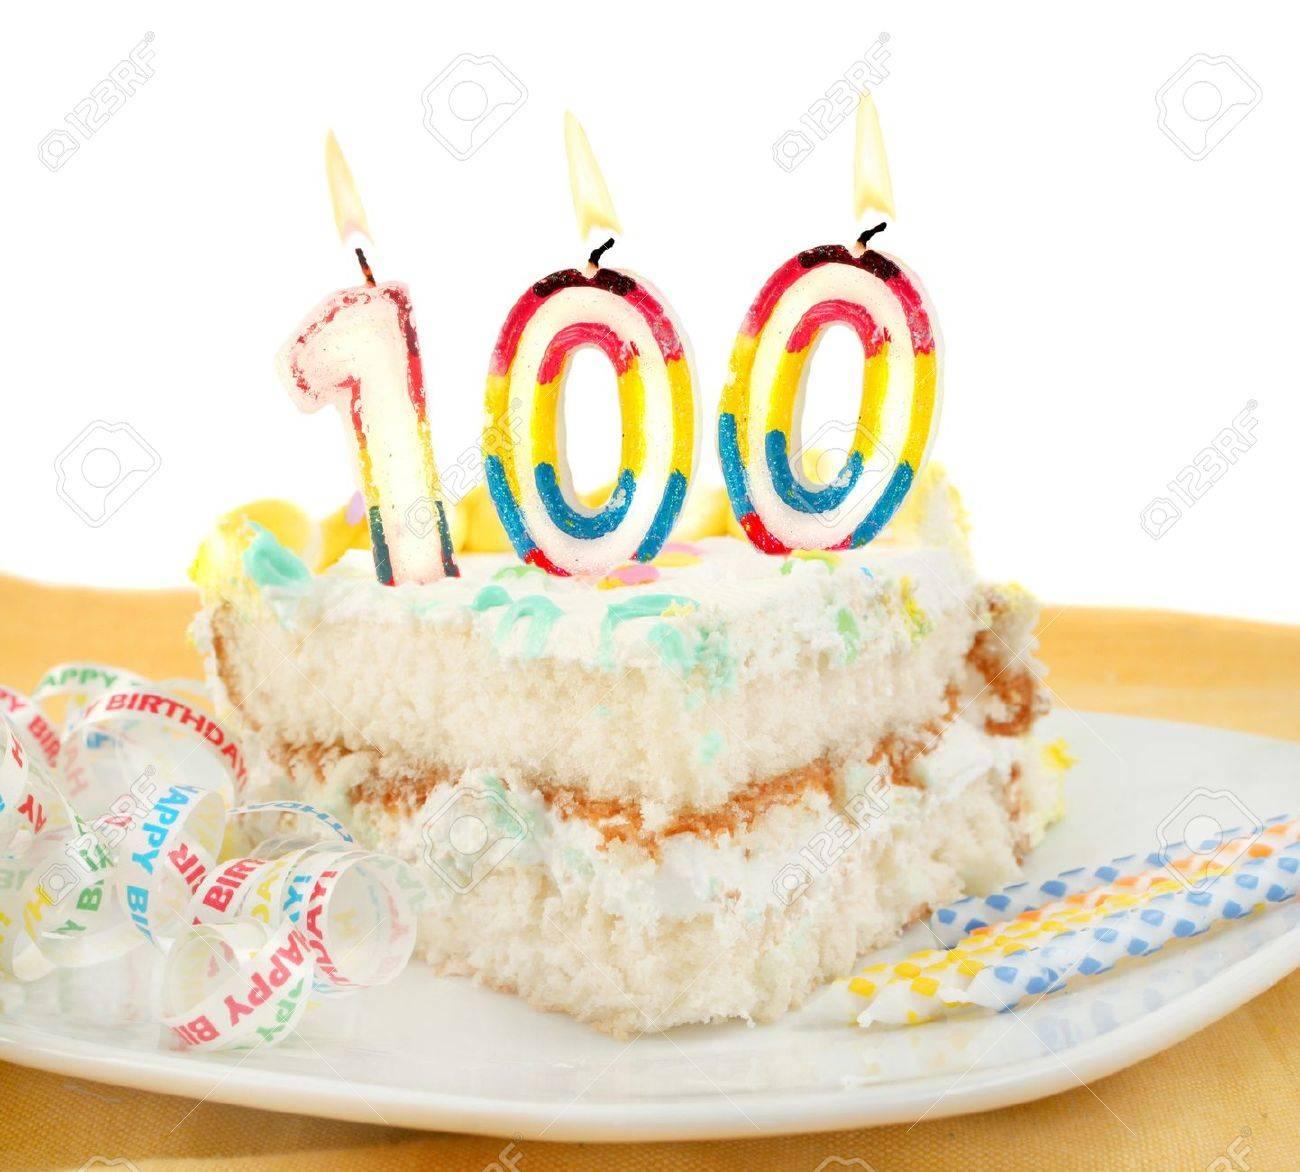 ¡Feliz cumpleaños Doro! 9006048-rebanada-de-pastel-de-cumplea%C3%B1os-festivo-esmerilado-con-velas-y-celebrar-100-a%C3%B1os-cumplea%C3%B1os-o-aniversarios-d